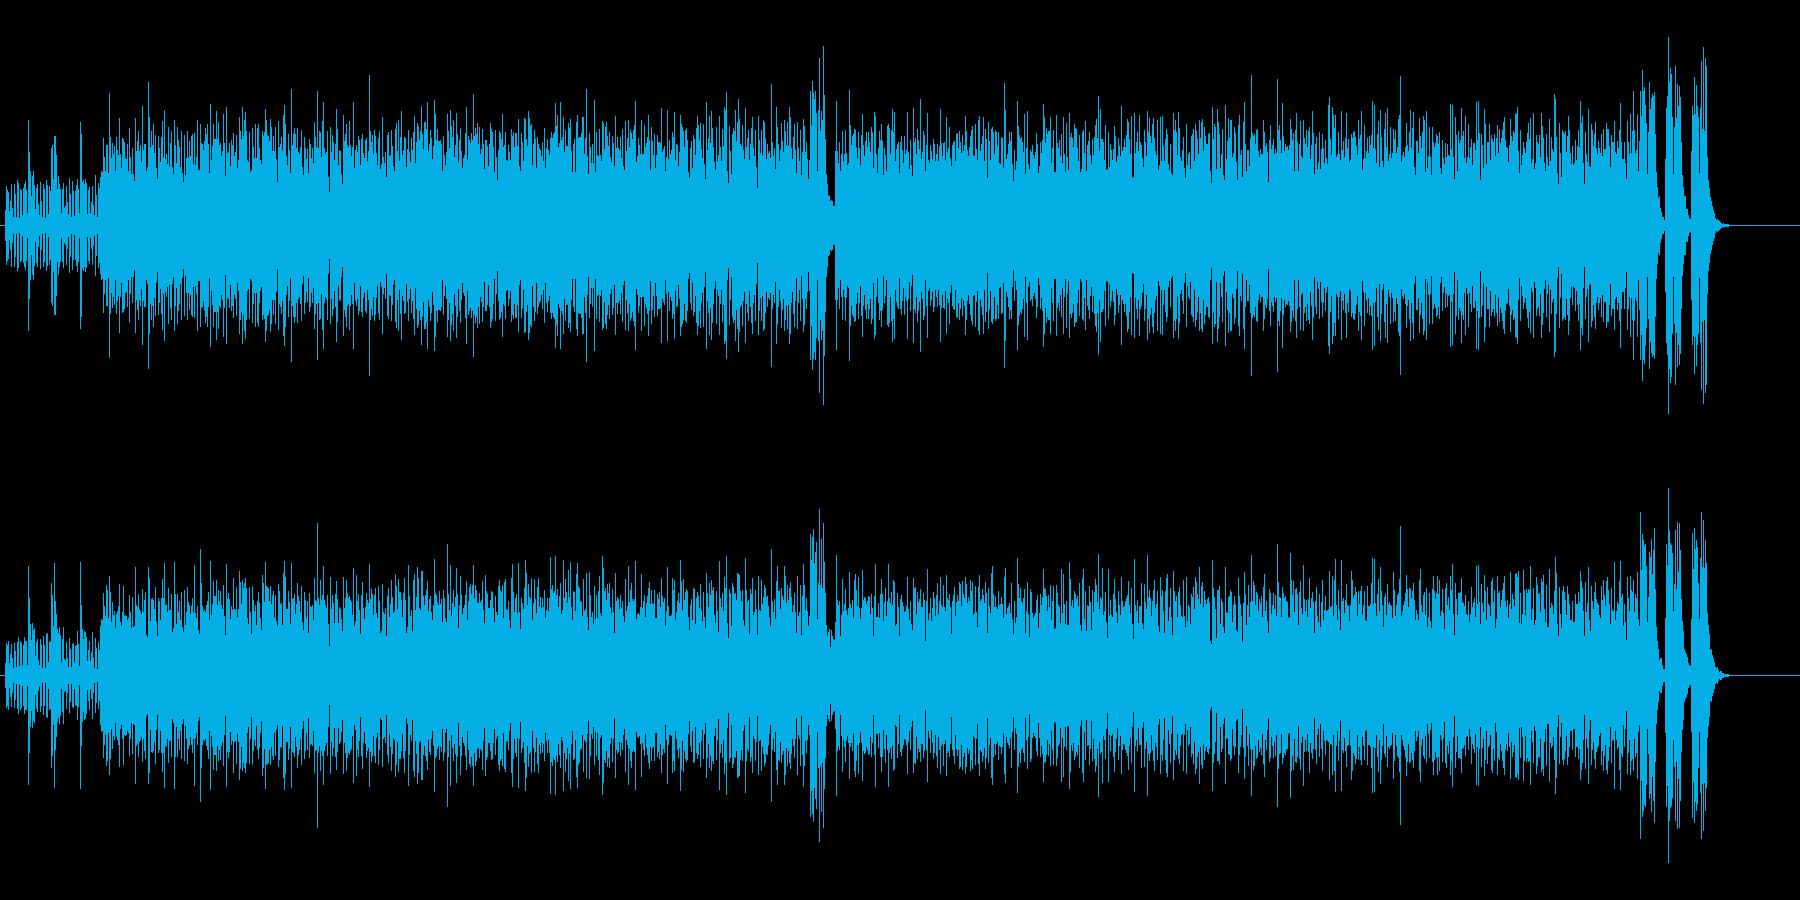 陽気でハッピーなハイパー・ポップスの再生済みの波形